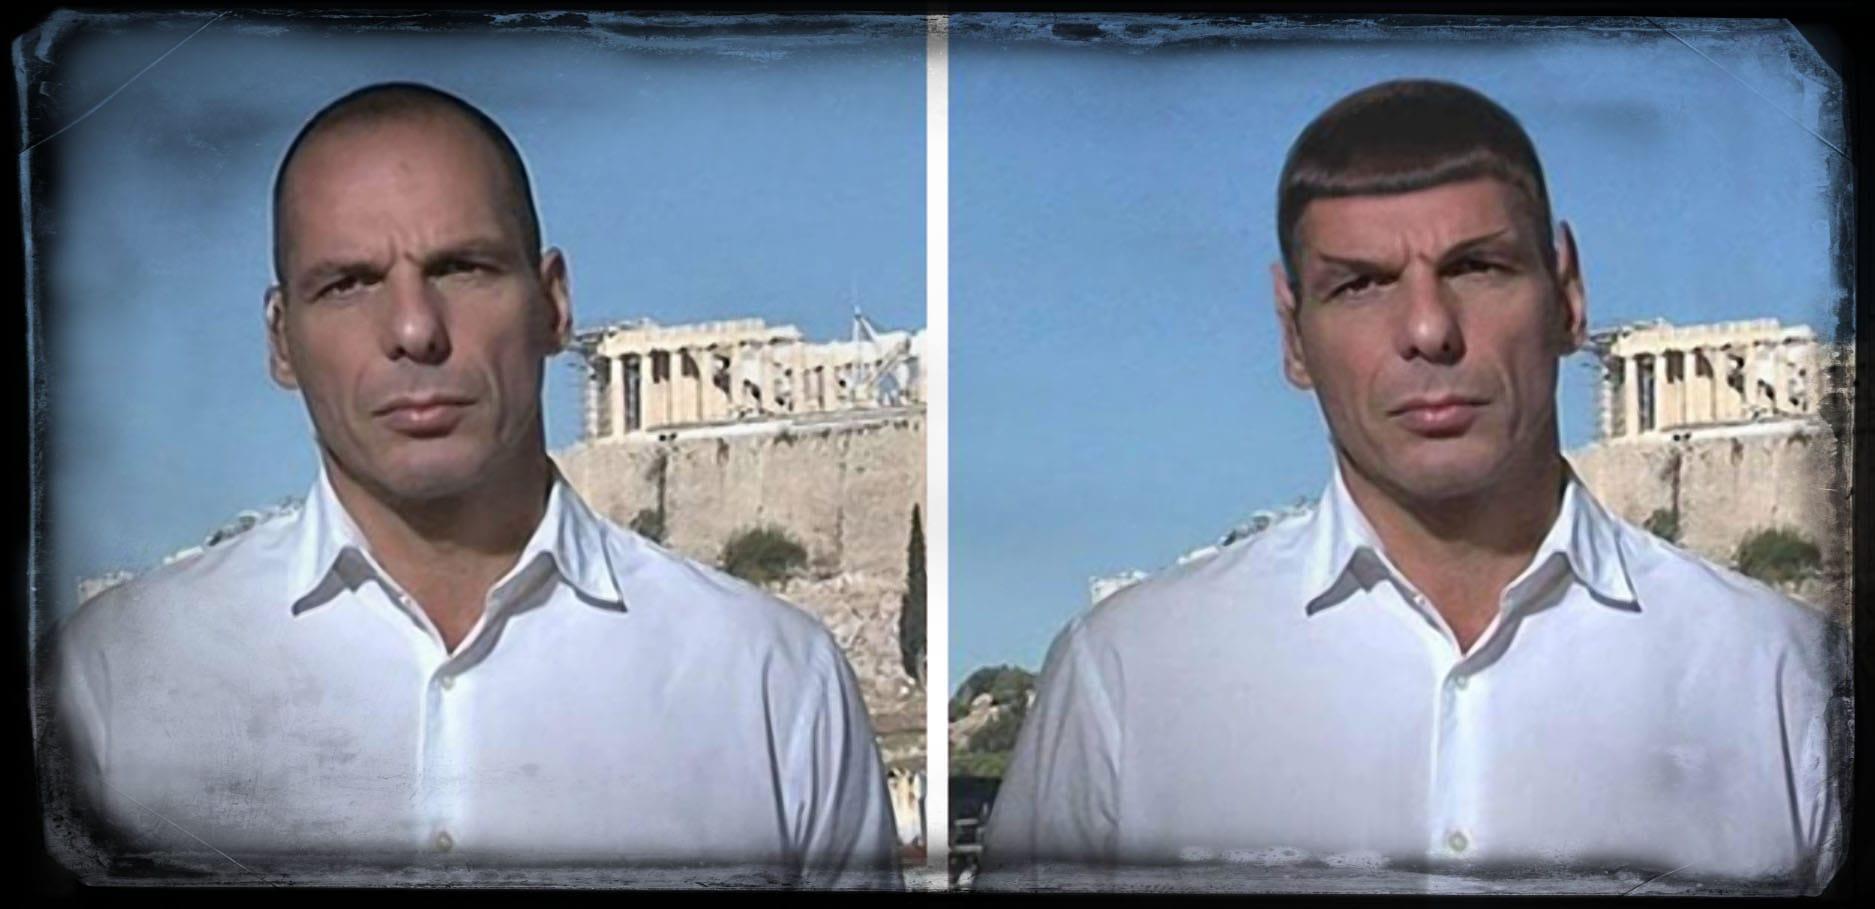 Yanis-Varoufakis-Spock griechenland finanzminister endloesung eurokrise euroausstieg waehrung geld streit sozialstaat enterprise spaceship